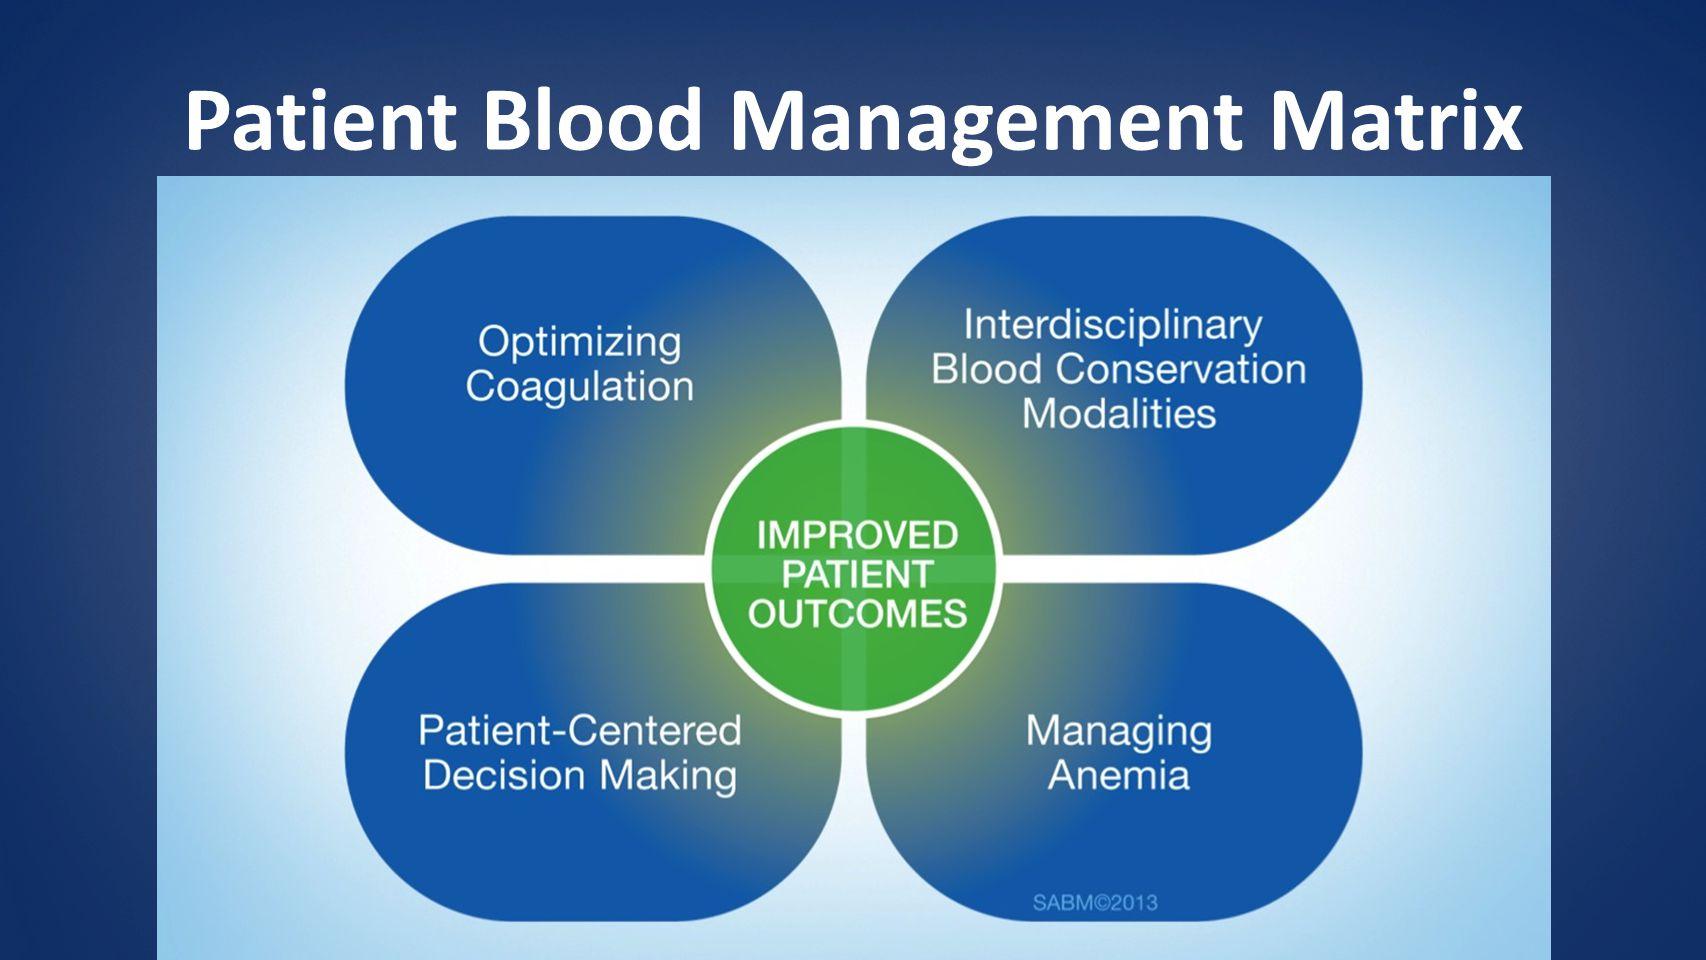 Patient Blood Management Matrix